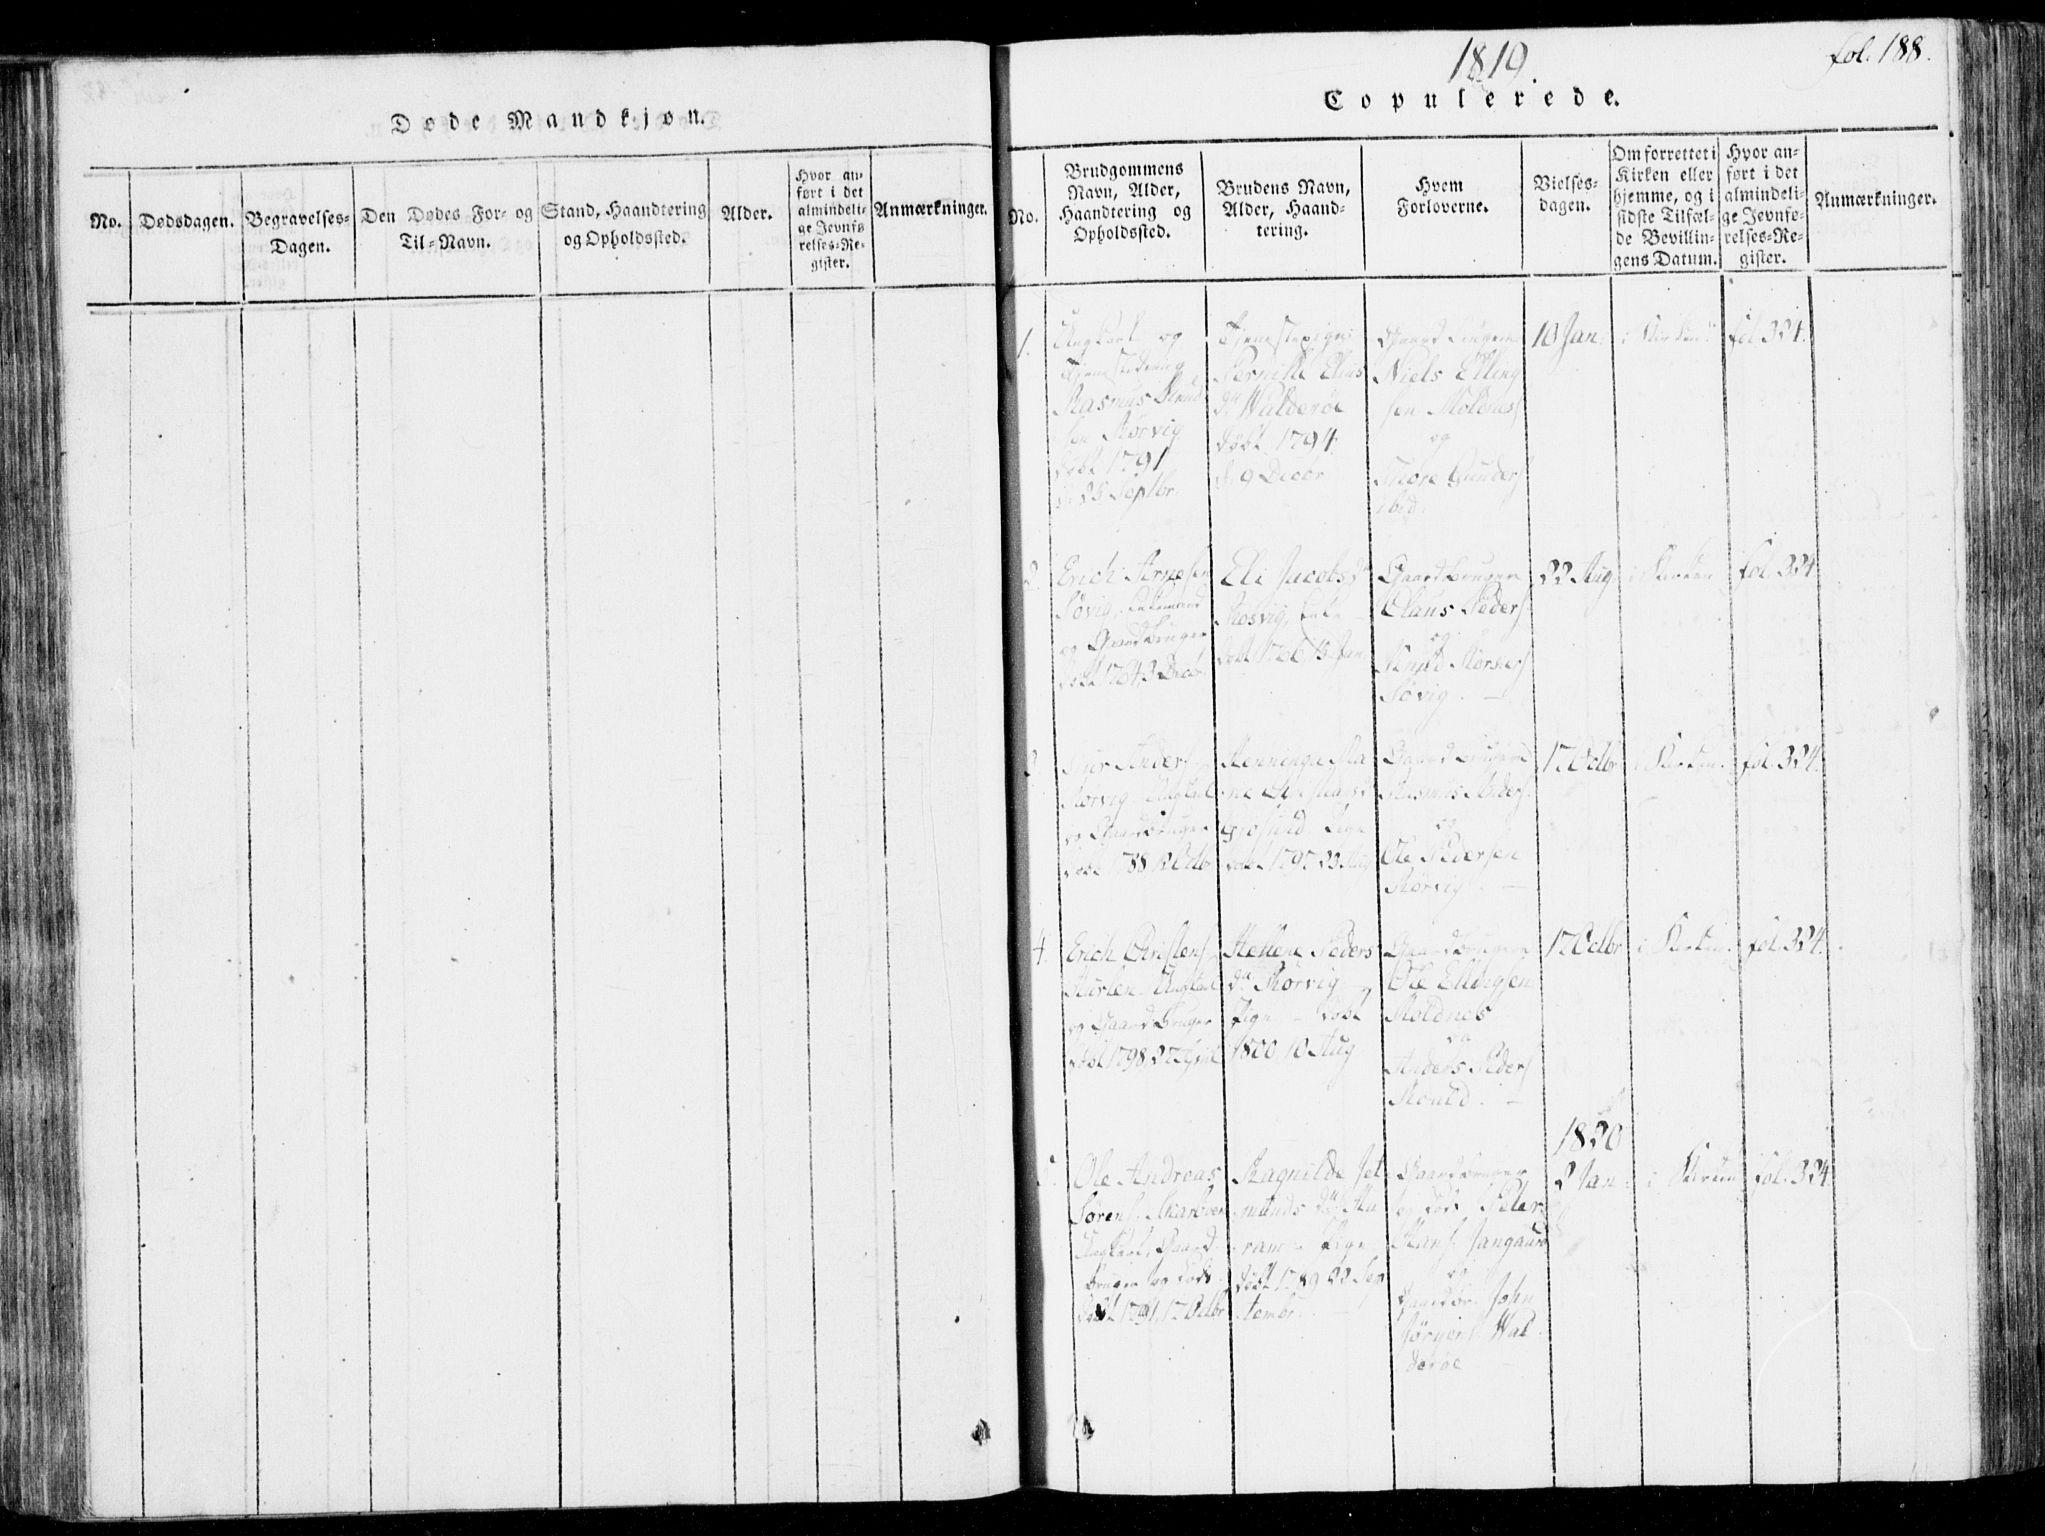 SAT, Ministerialprotokoller, klokkerbøker og fødselsregistre - Møre og Romsdal, 537/L0517: Parish register (official) no. 537A01, 1818-1862, p. 188